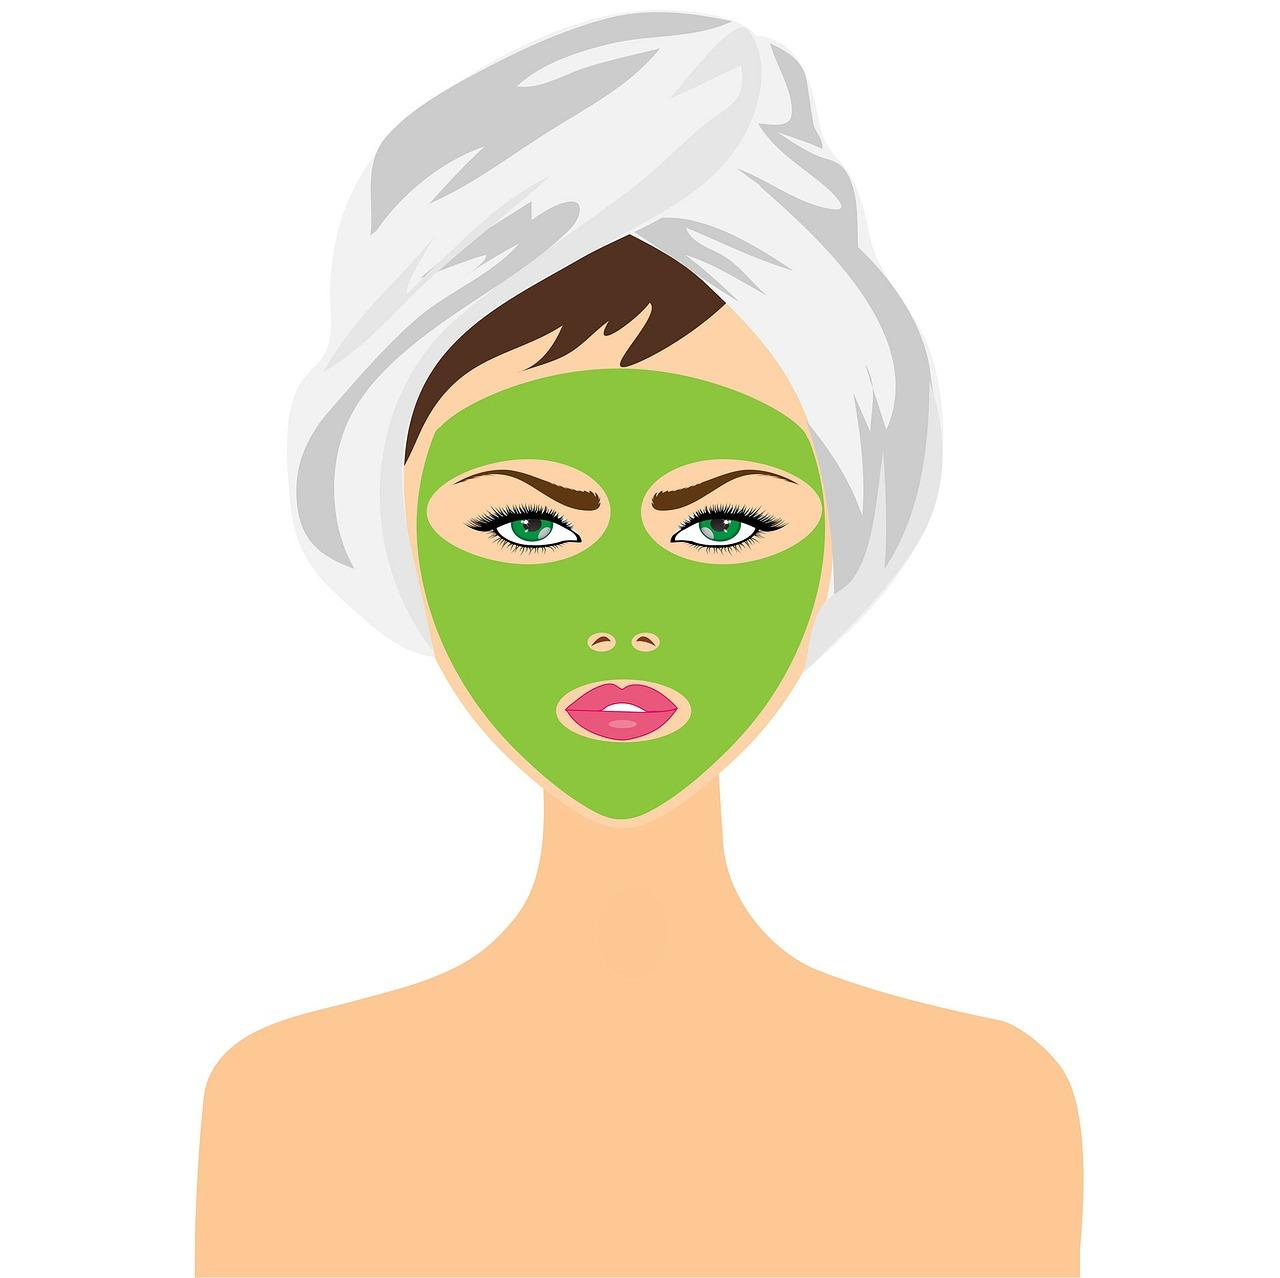 consigli per scegliere la crema per il proprio viso